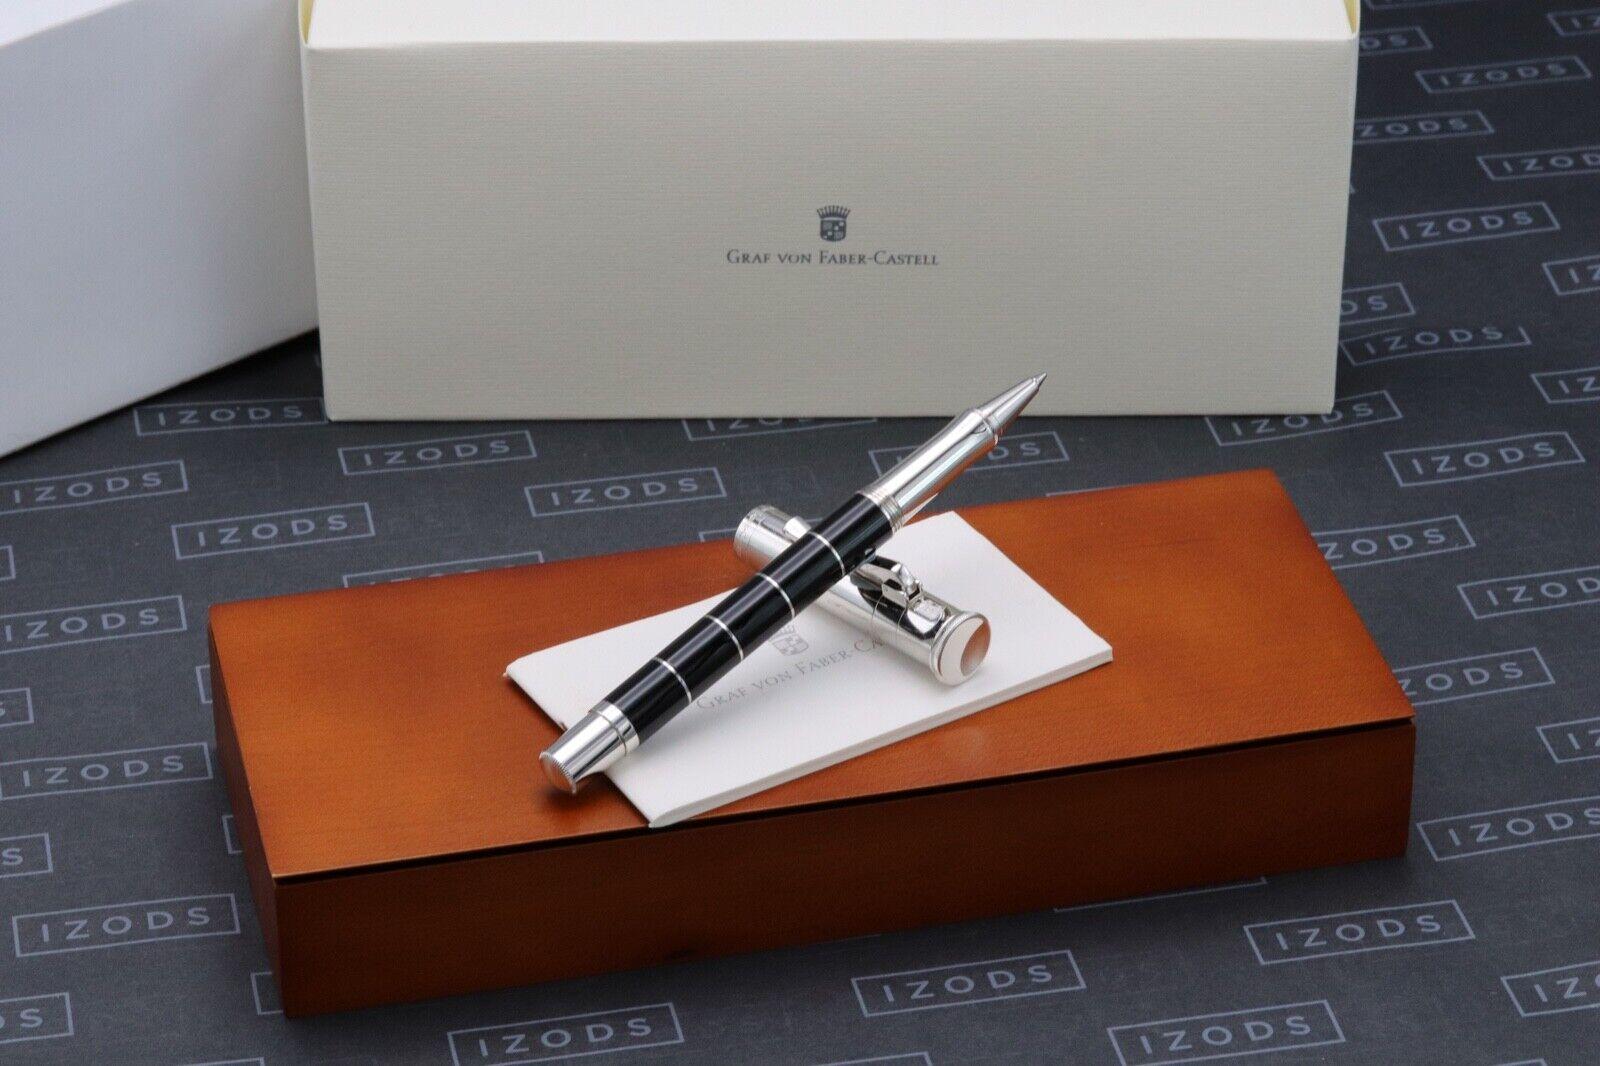 Graf von Faber-Castell Classic Anello Black Rollerball Pen